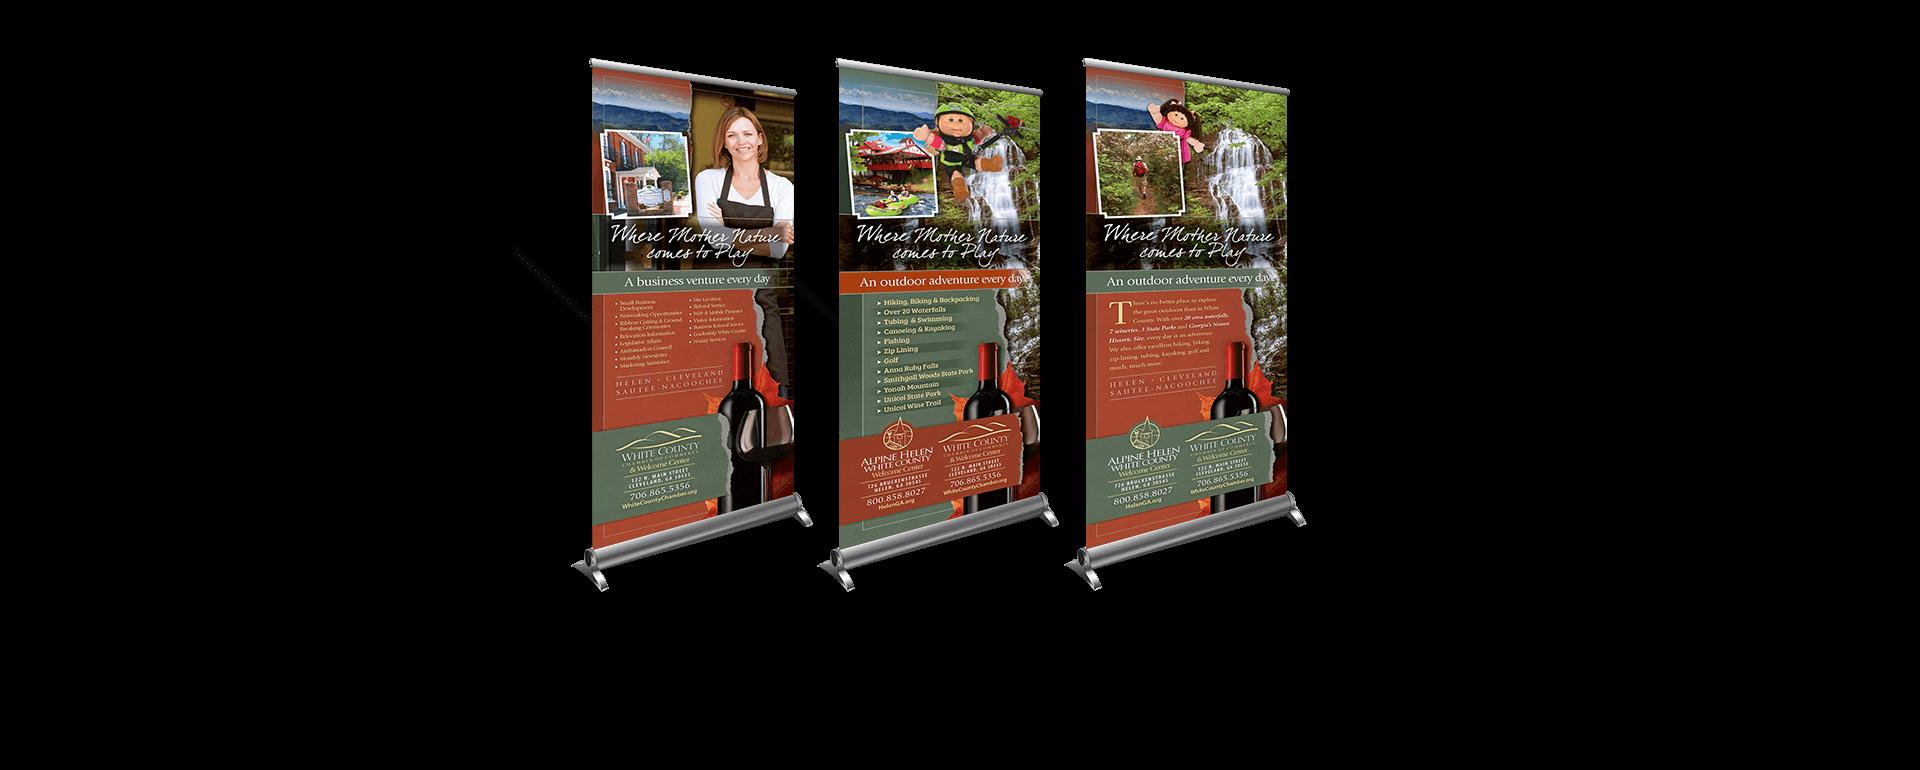 White County Chamber Cvb Branding 365 Degree Total Marketing